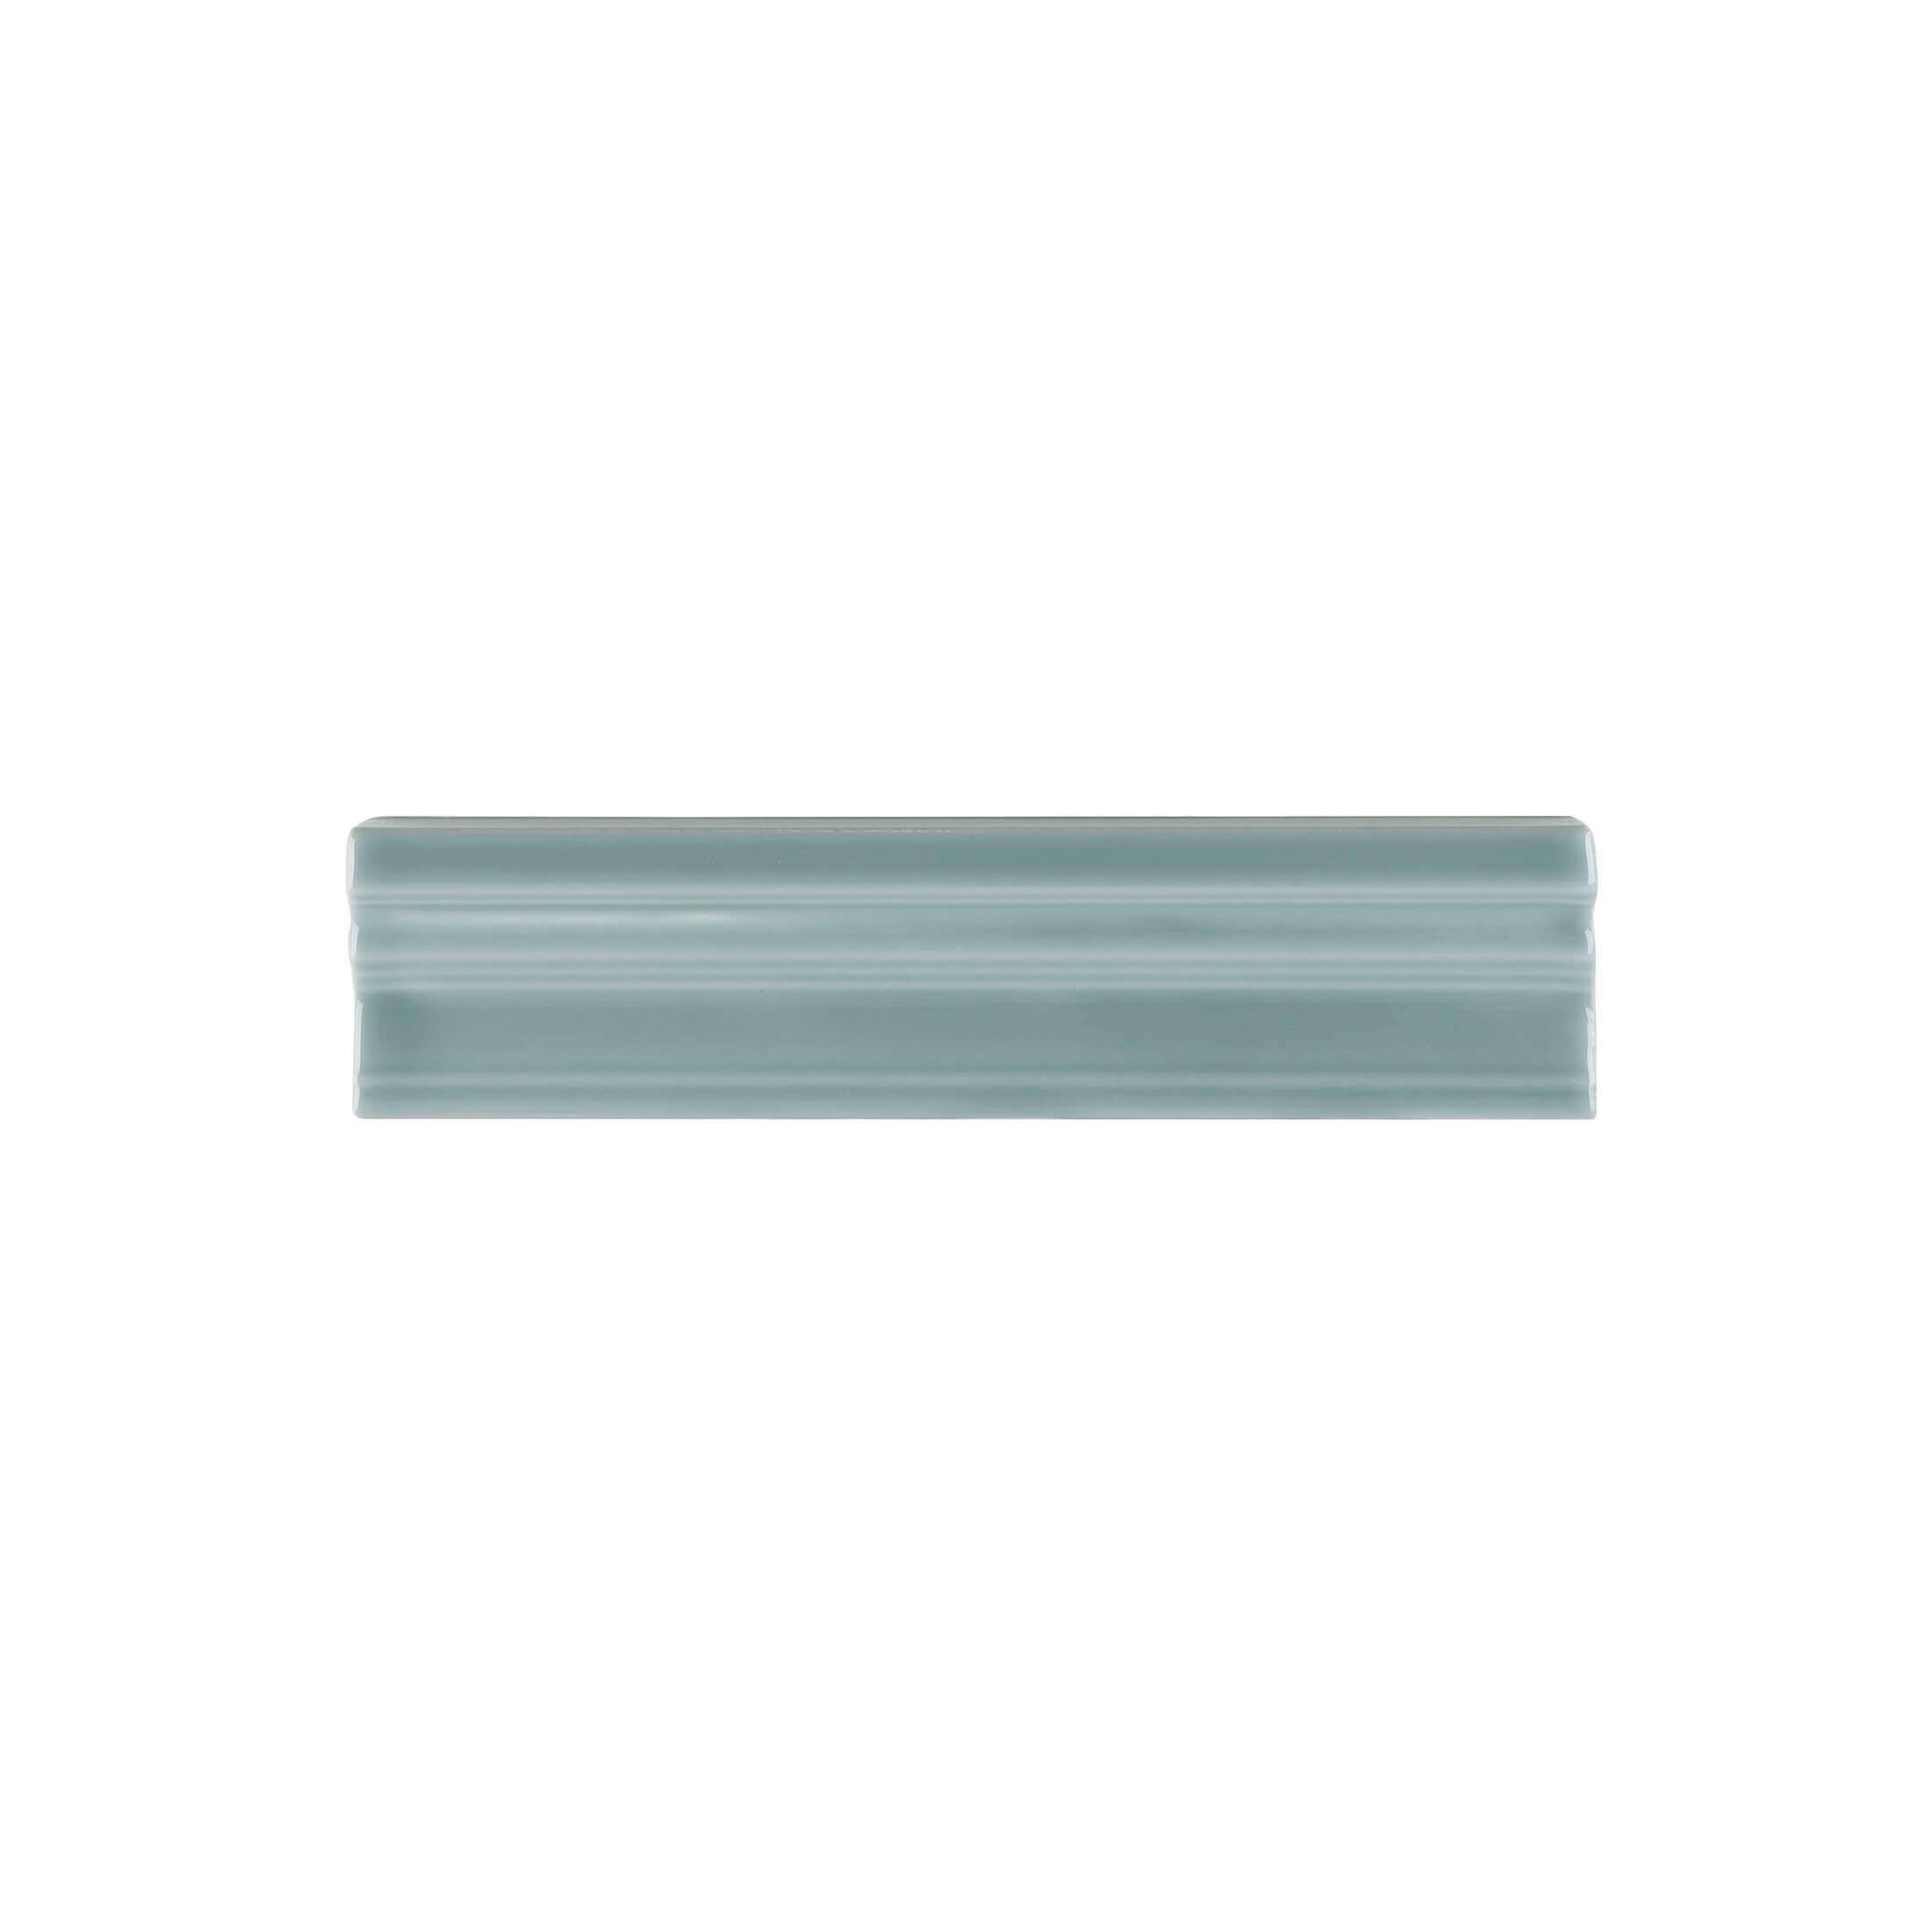 ADRI5056 - 5 cm X 20 cm